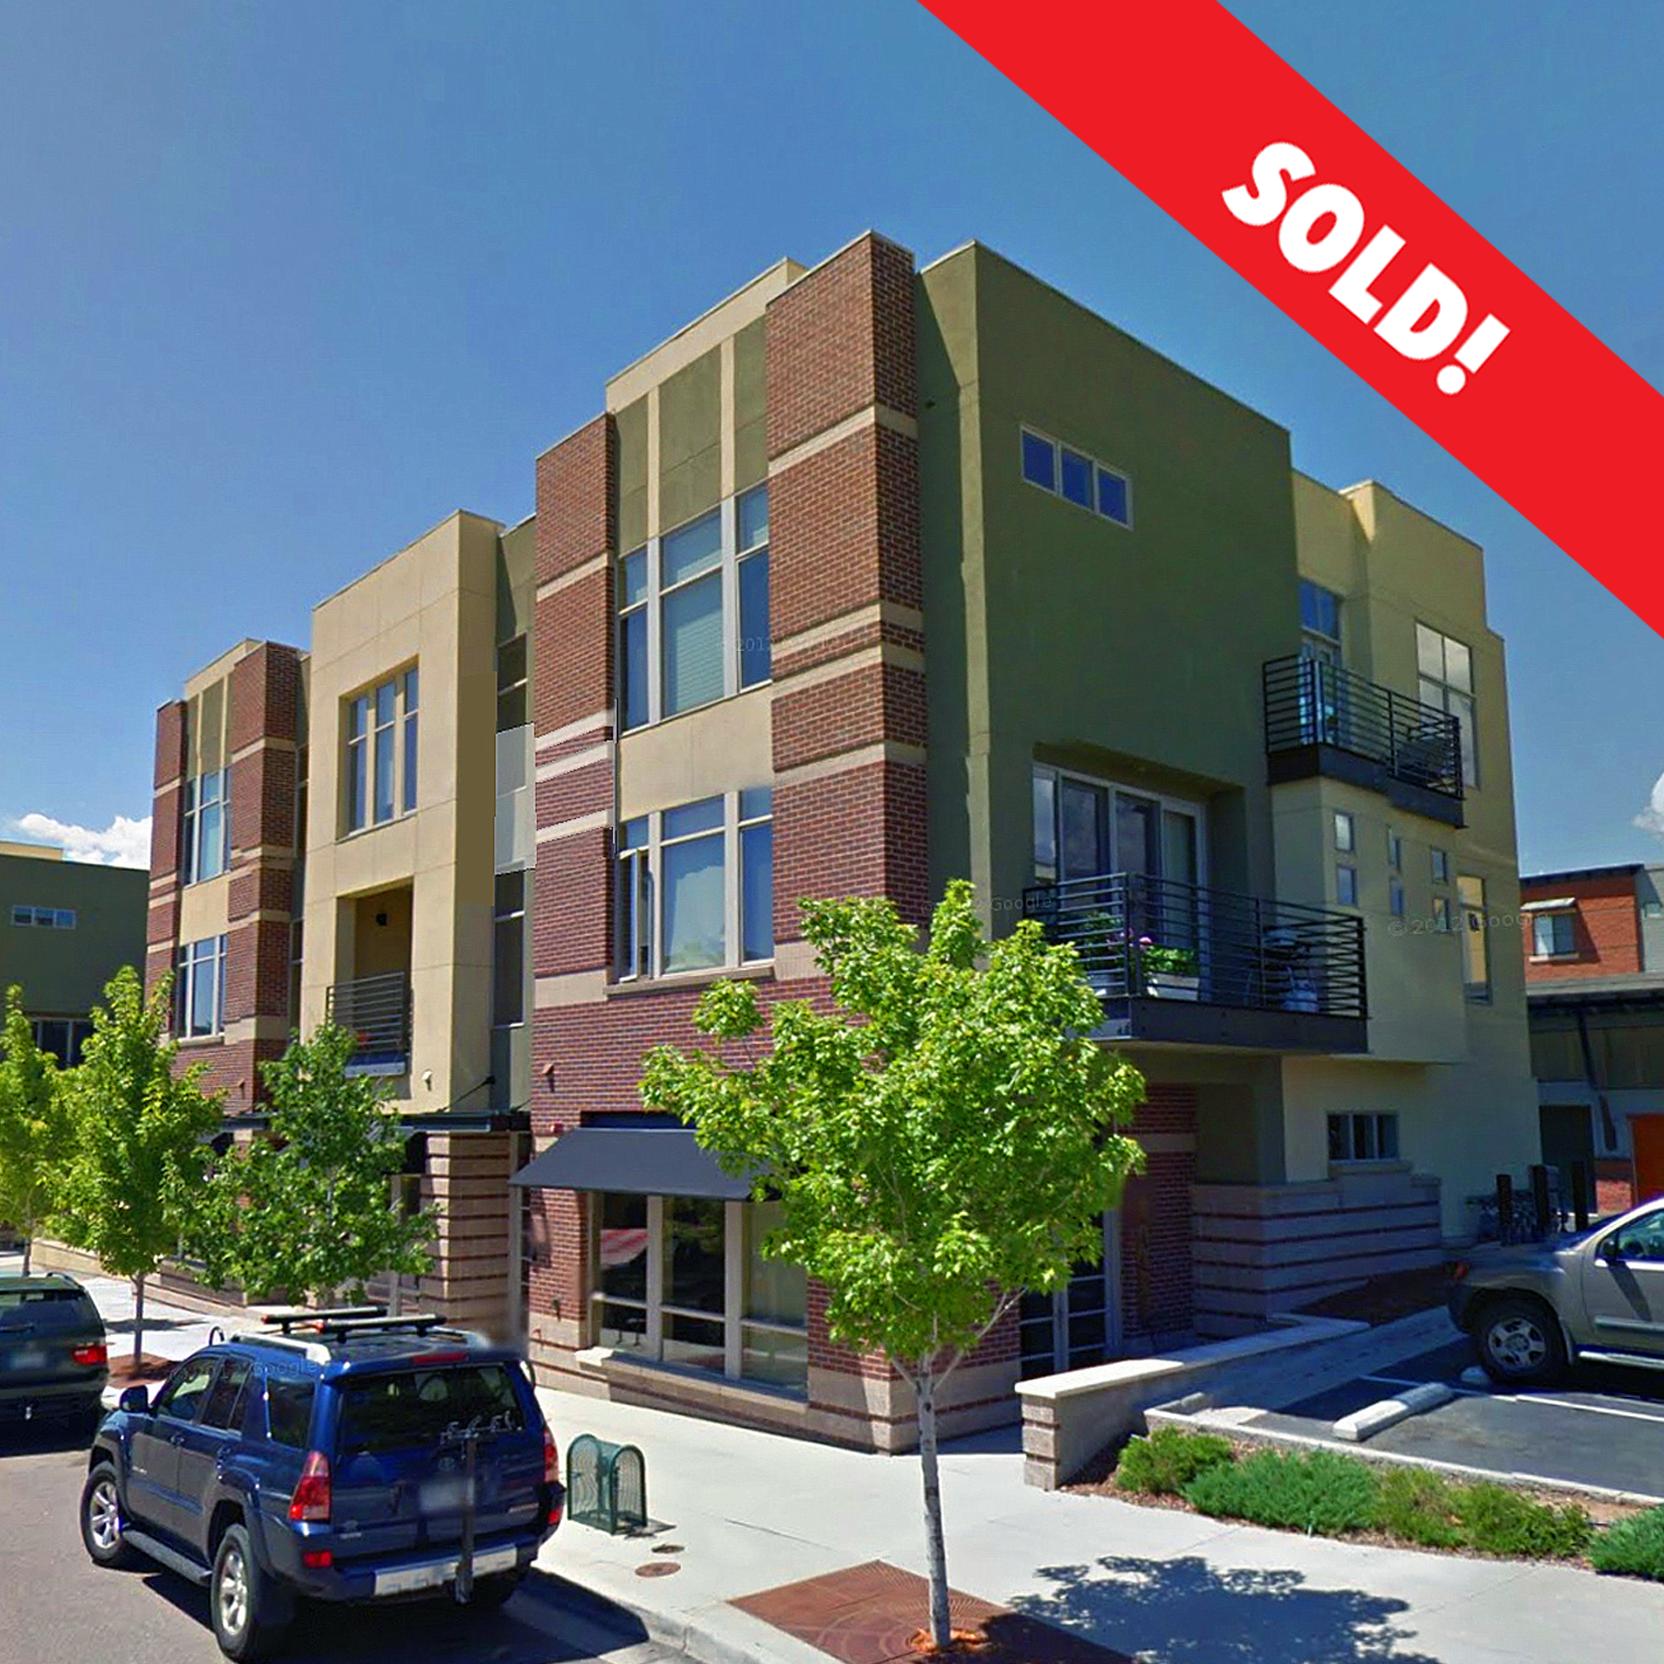 Village at Uptown 4585 13th St. Unit E, Boulder, CO 80304